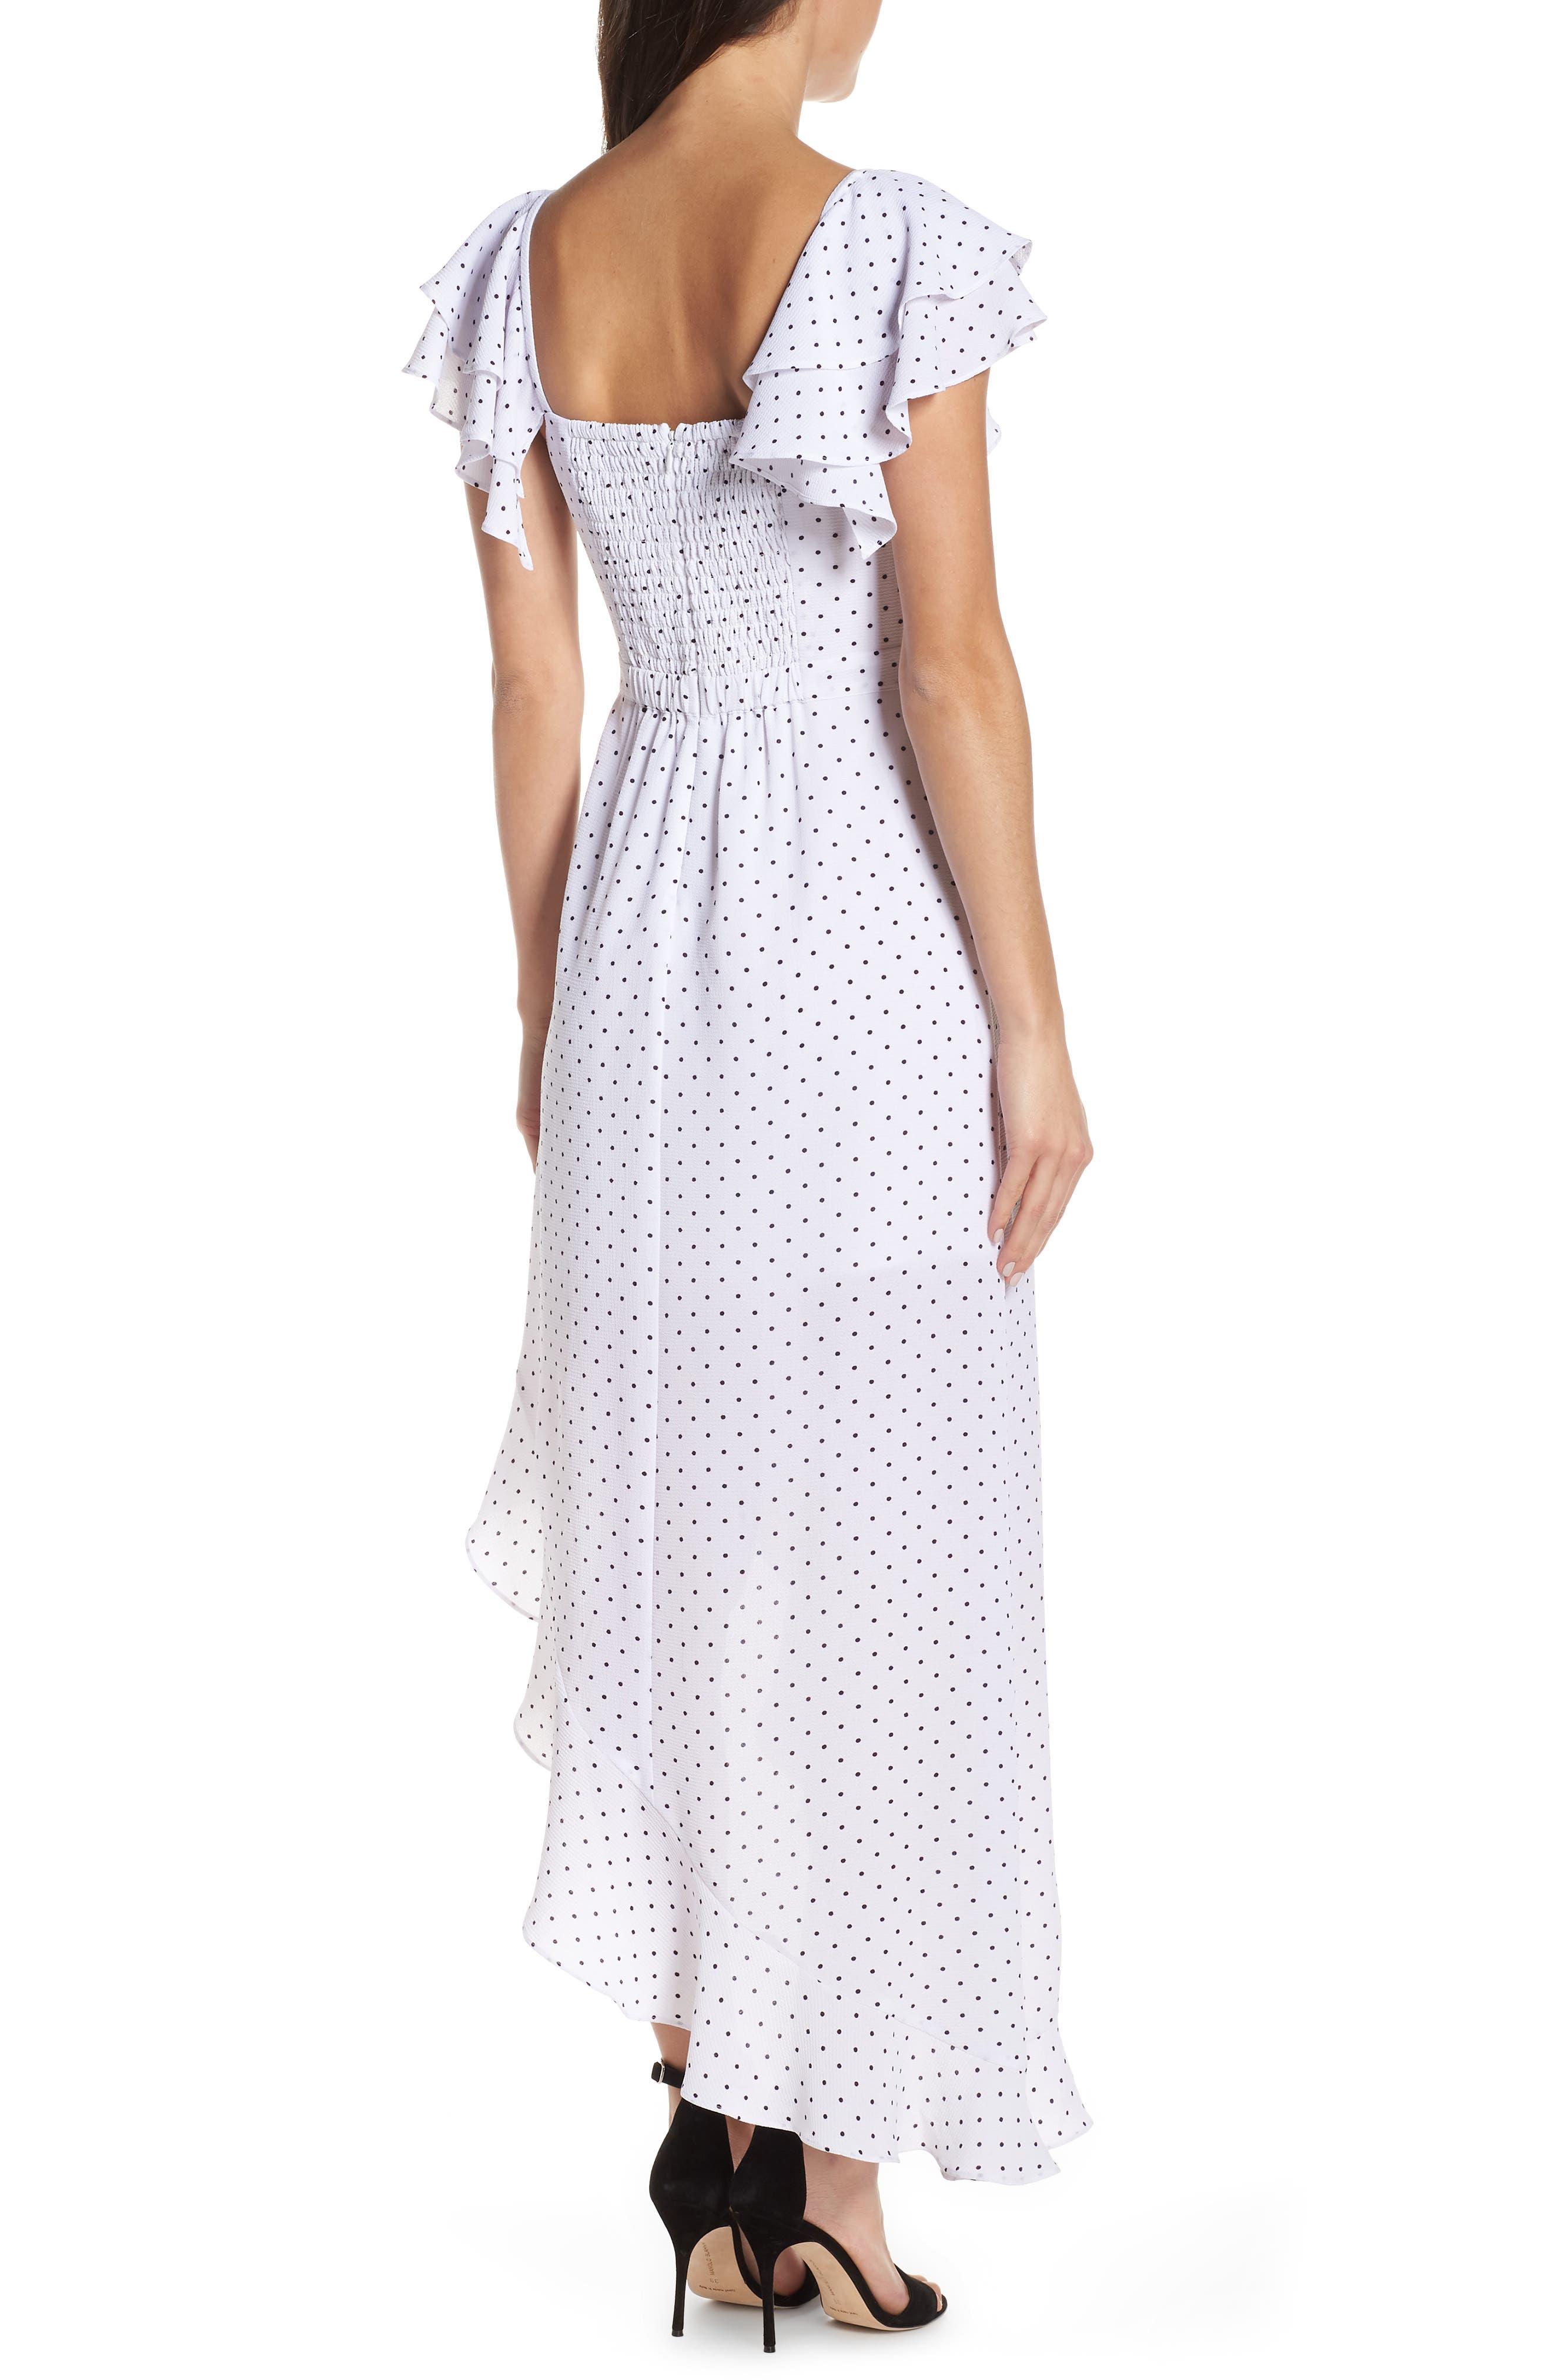 ALI & JAY, Terrace Time Polka Dot Maxi Dress, Alternate thumbnail 2, color, 100